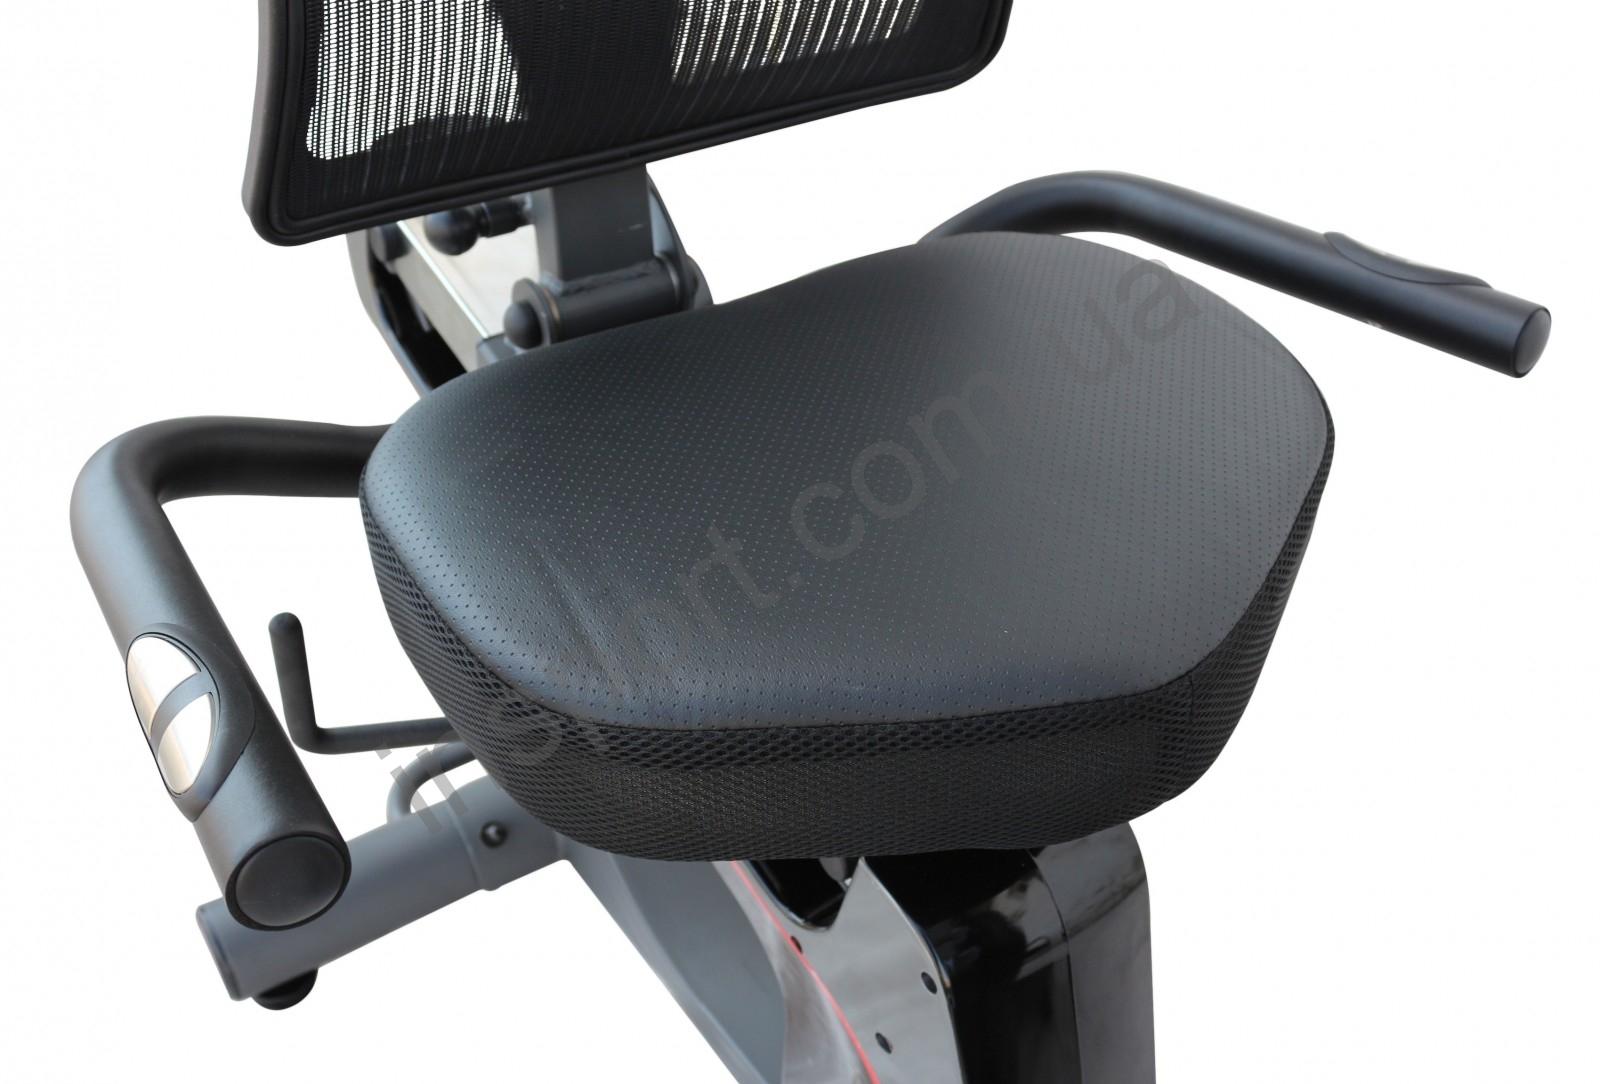 Велотренажер горизонтальный USA Style SS-EFIT-61705R серия Powermax